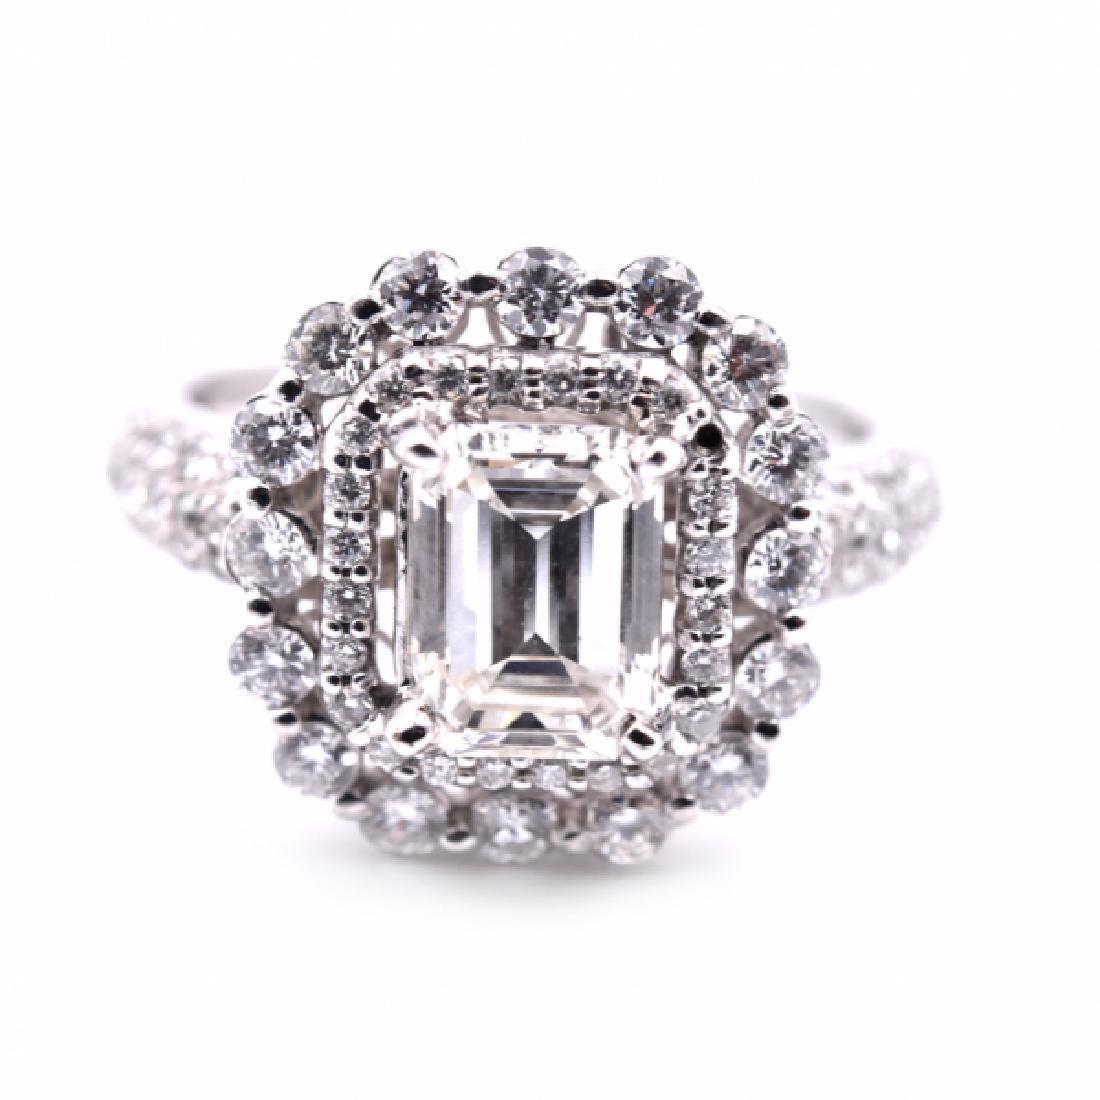 14k White Gold 1.16 Carat Diamond Engagement Ring